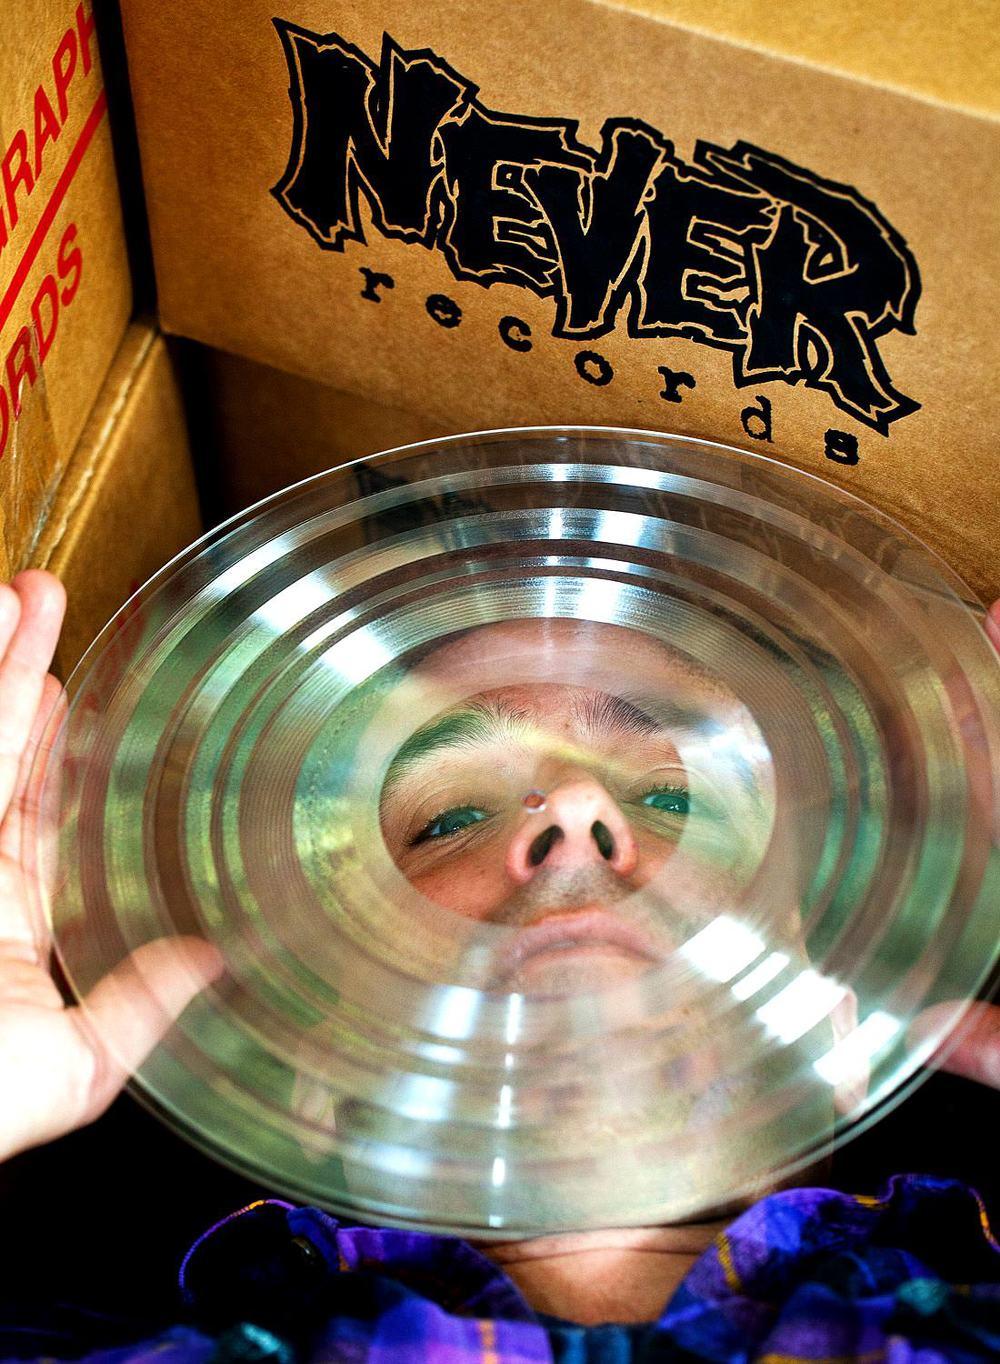 Ted Reiderer : Never Records